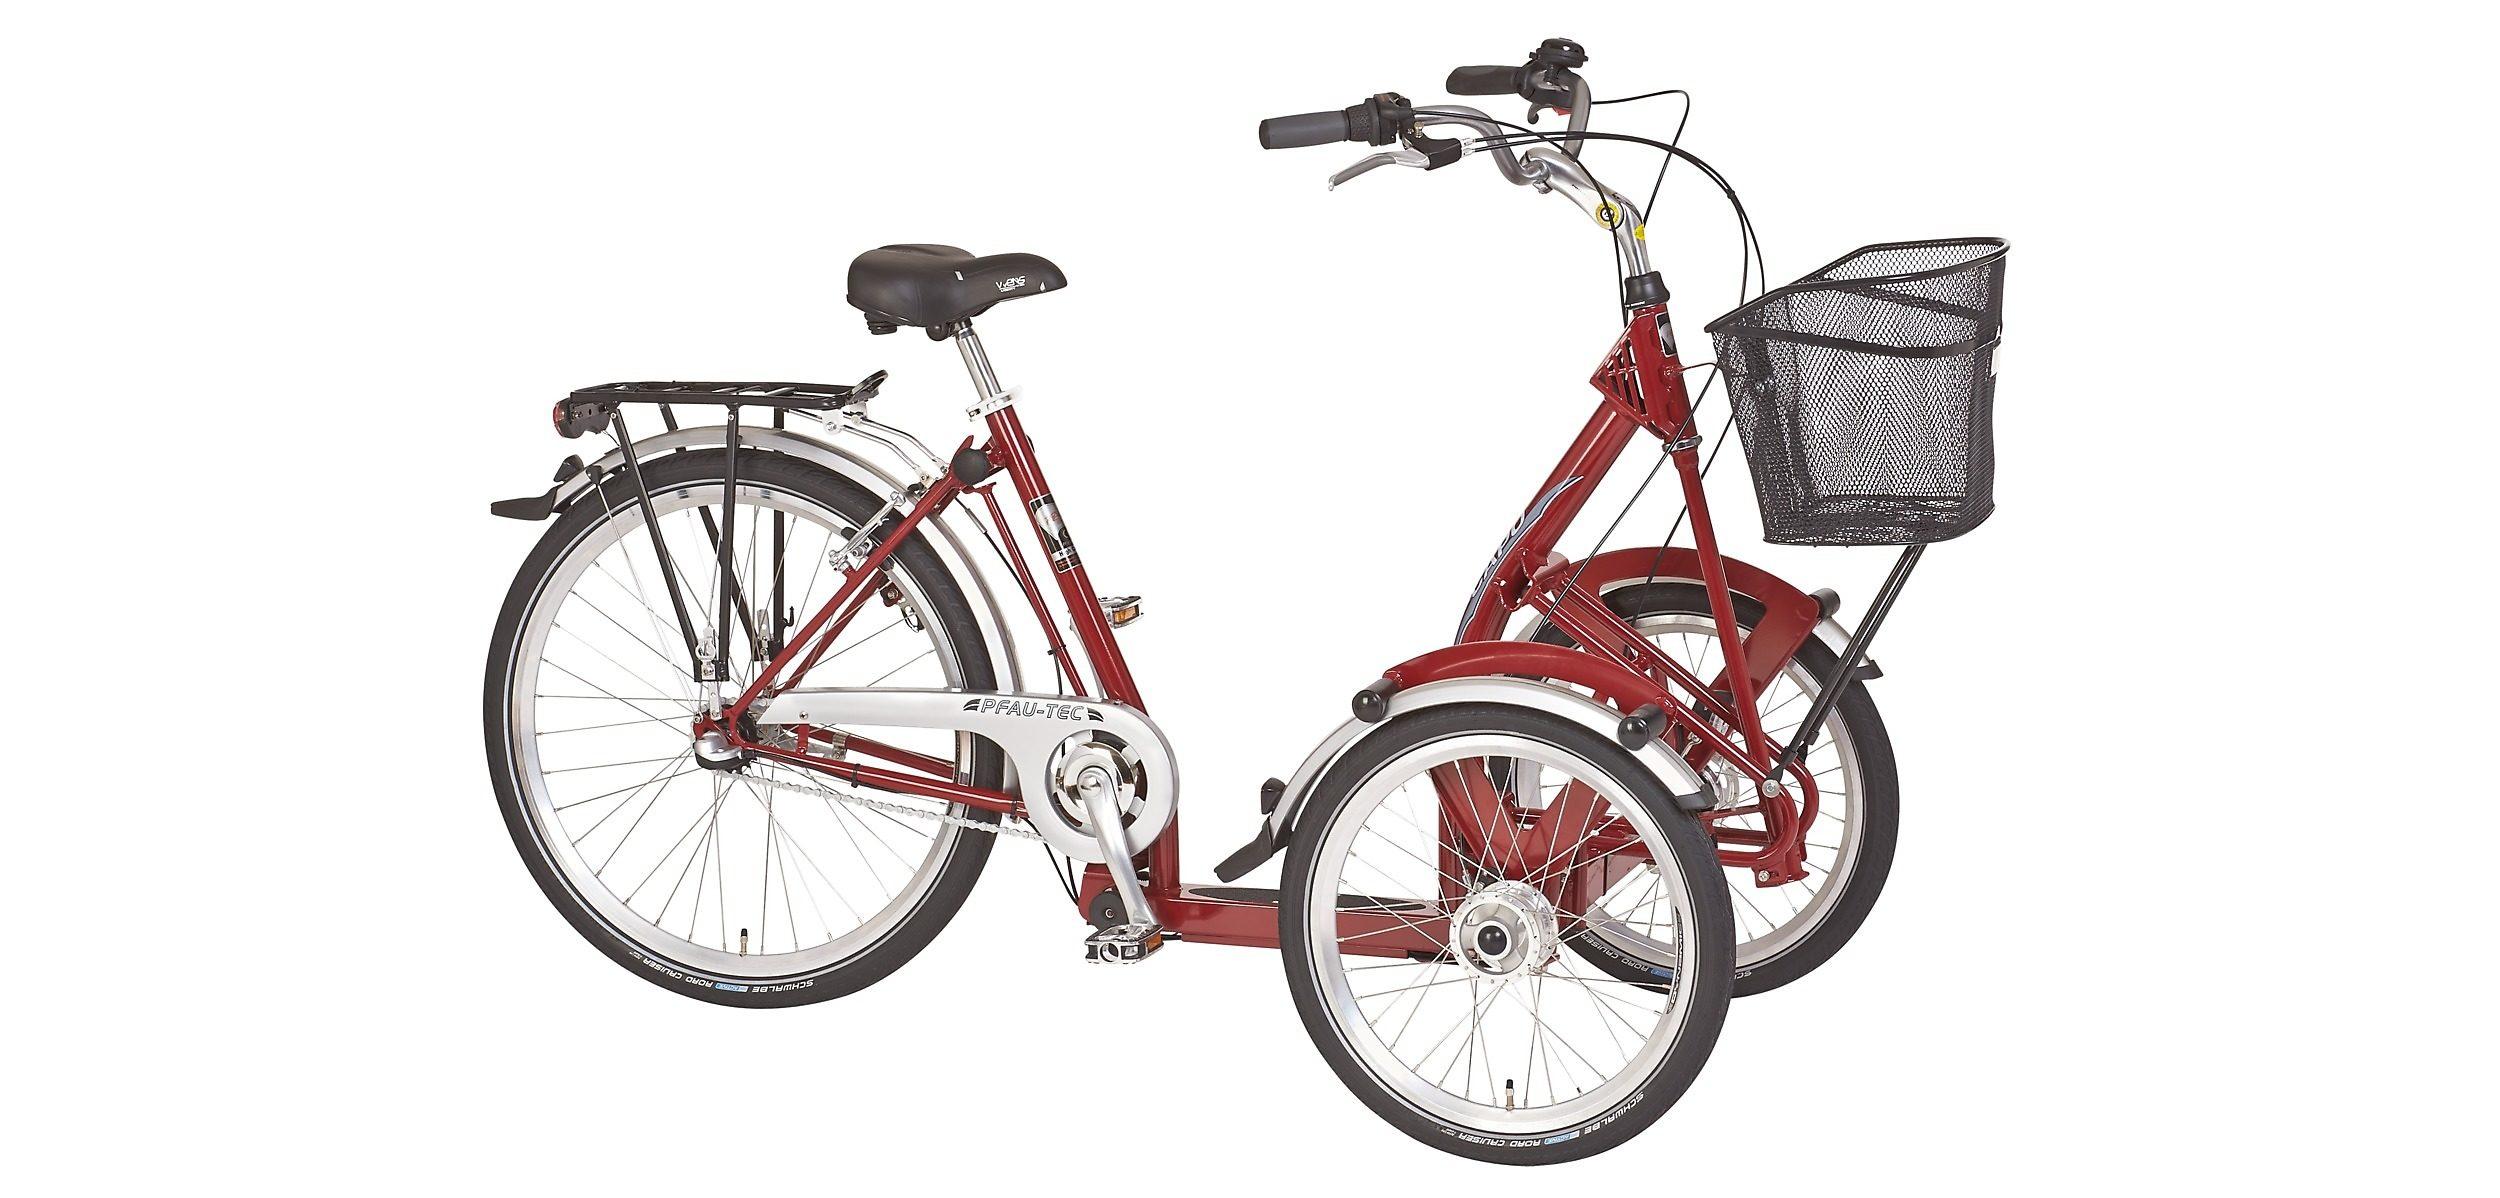 Frontdreirad Dreirad für Erwachsene Dreiradshop24